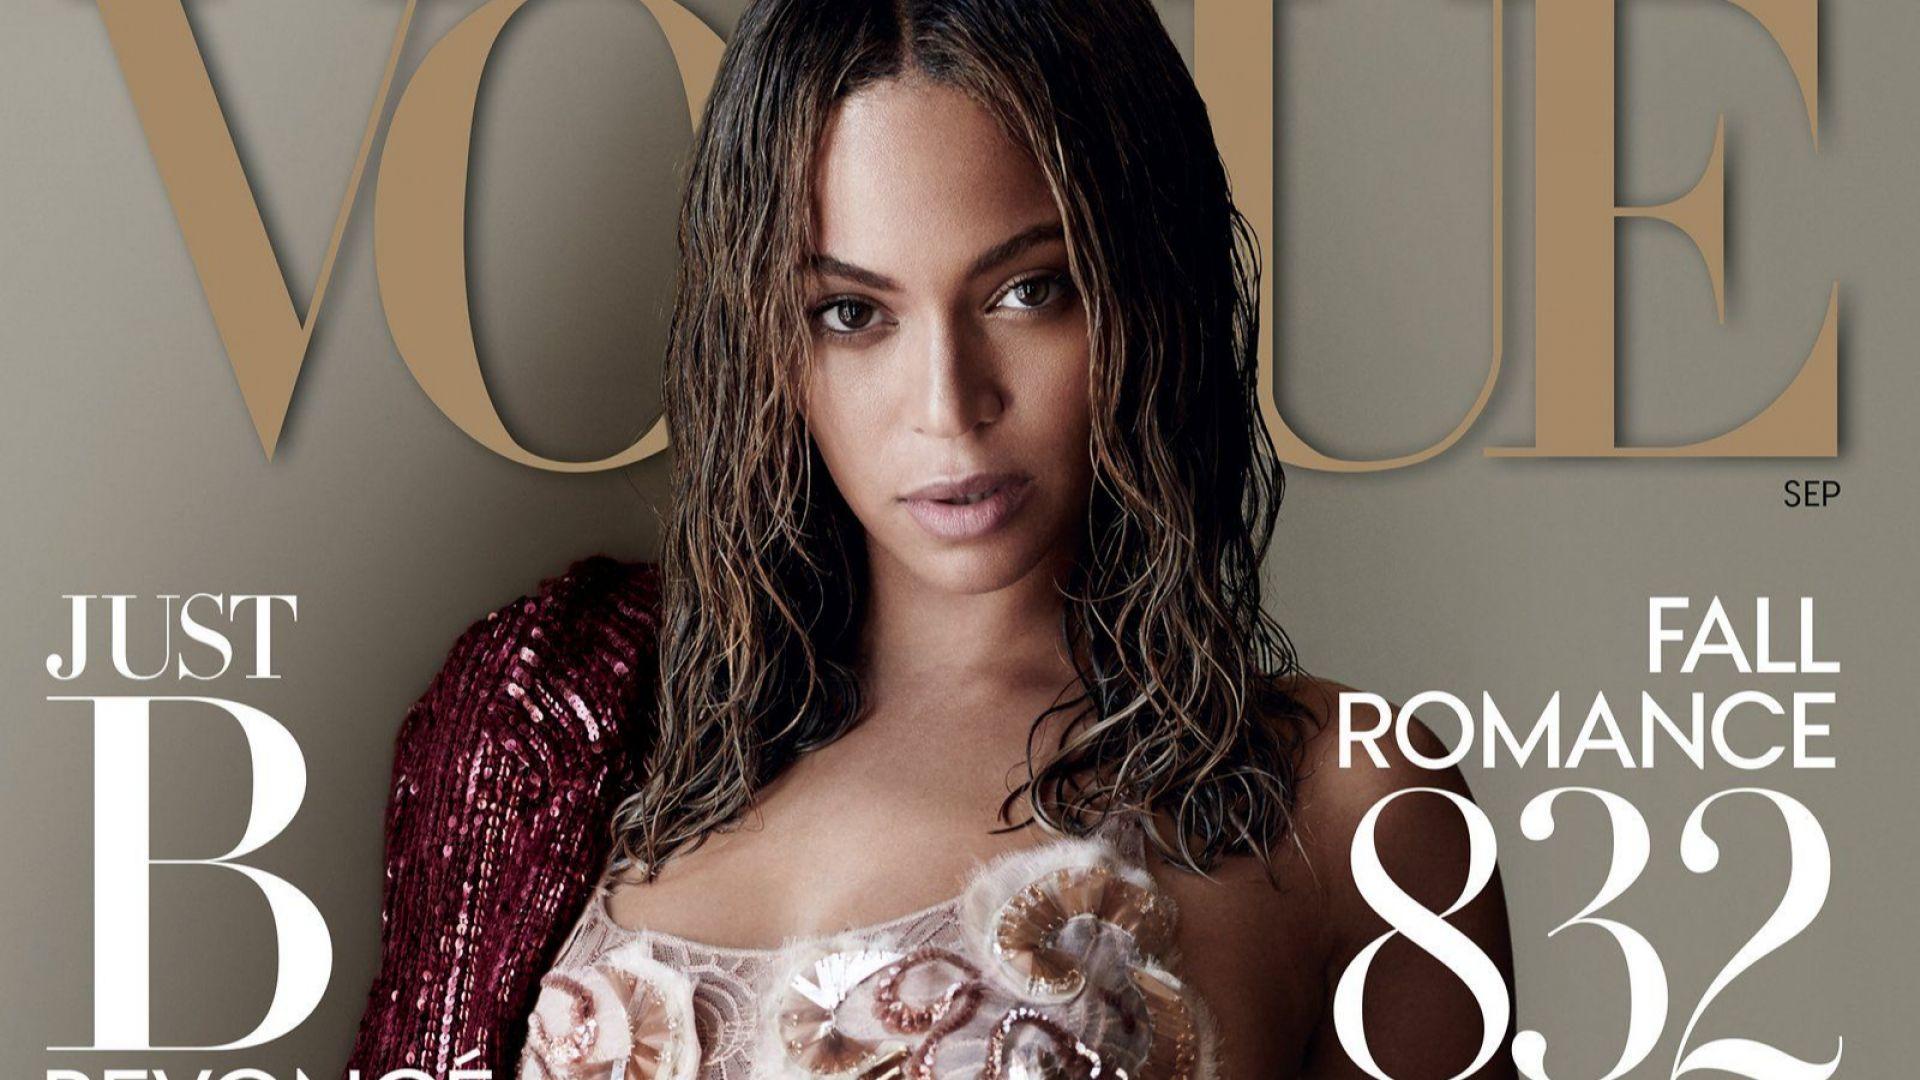 Бионсе става главен редактор на Vogue през септември